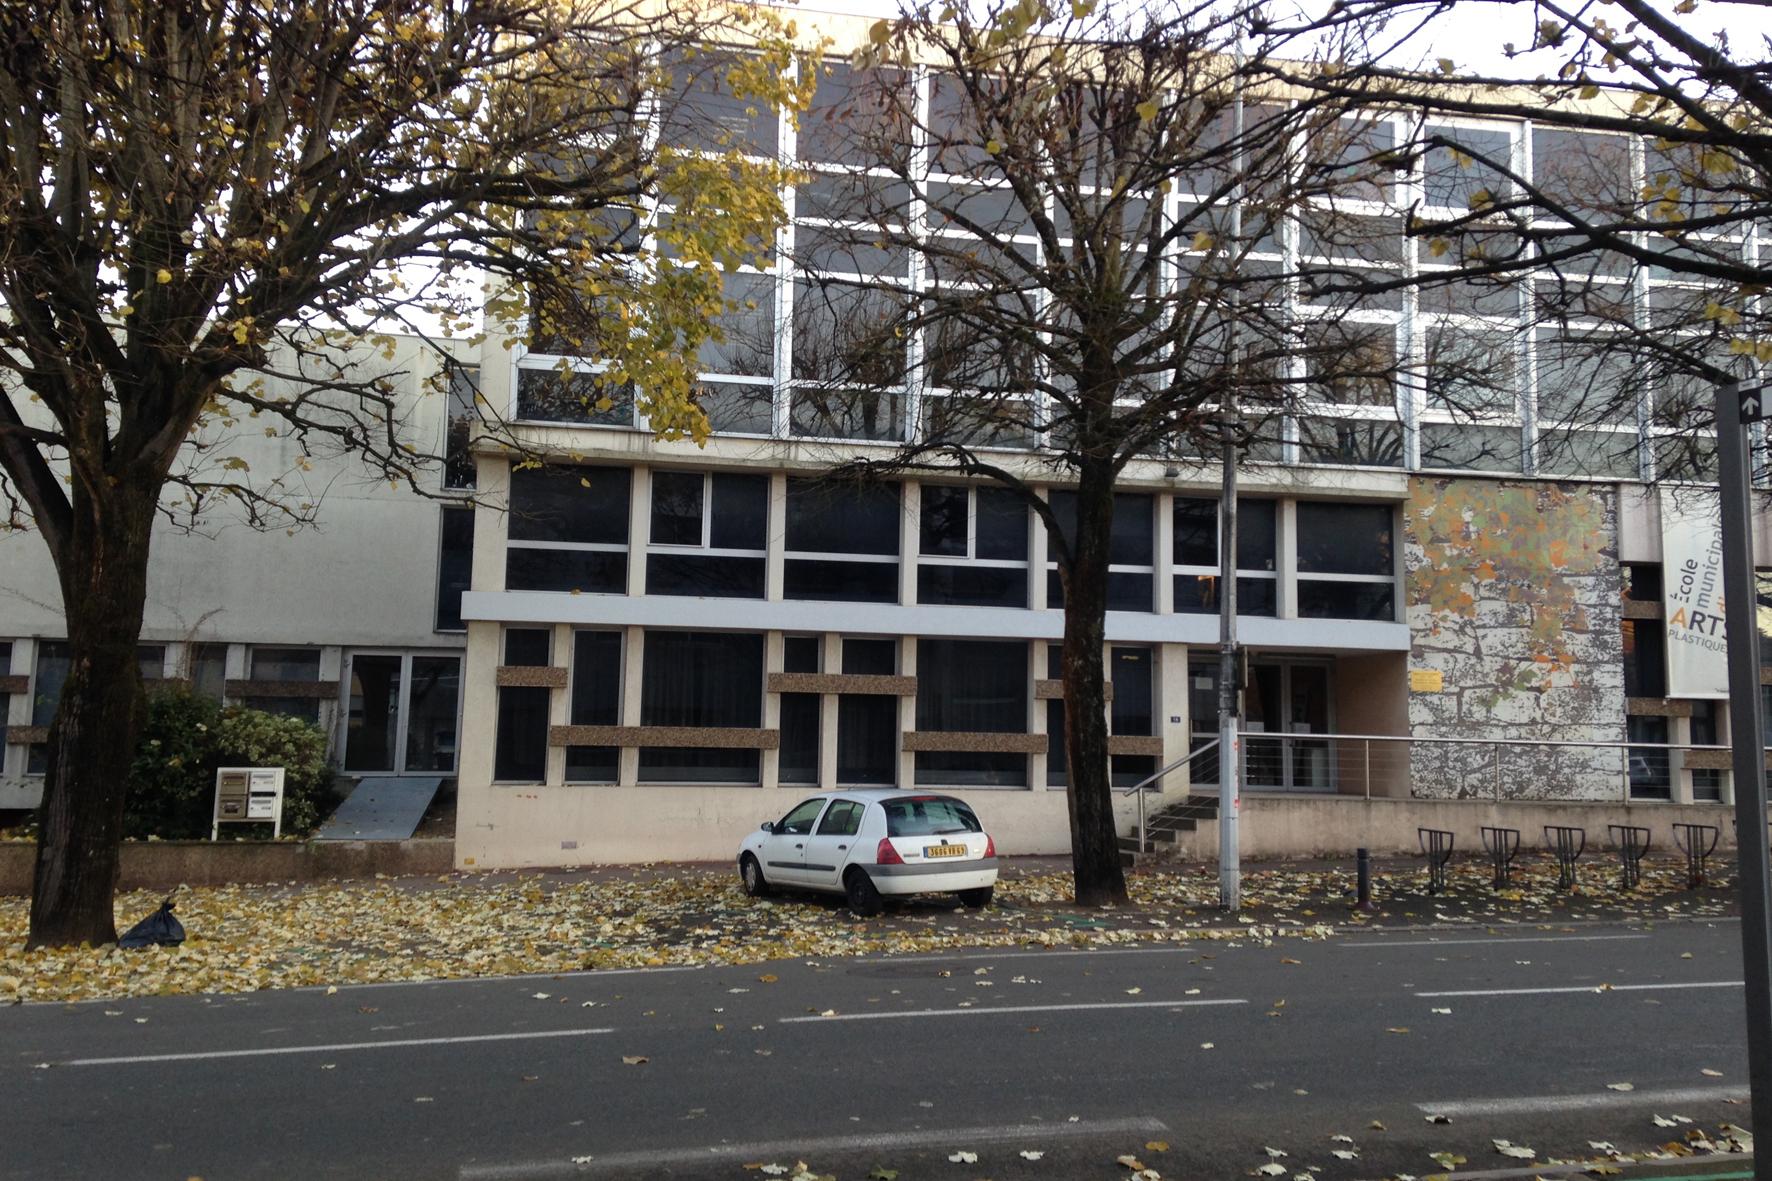 École Municipale d'Arts Plastiques de Mâcon